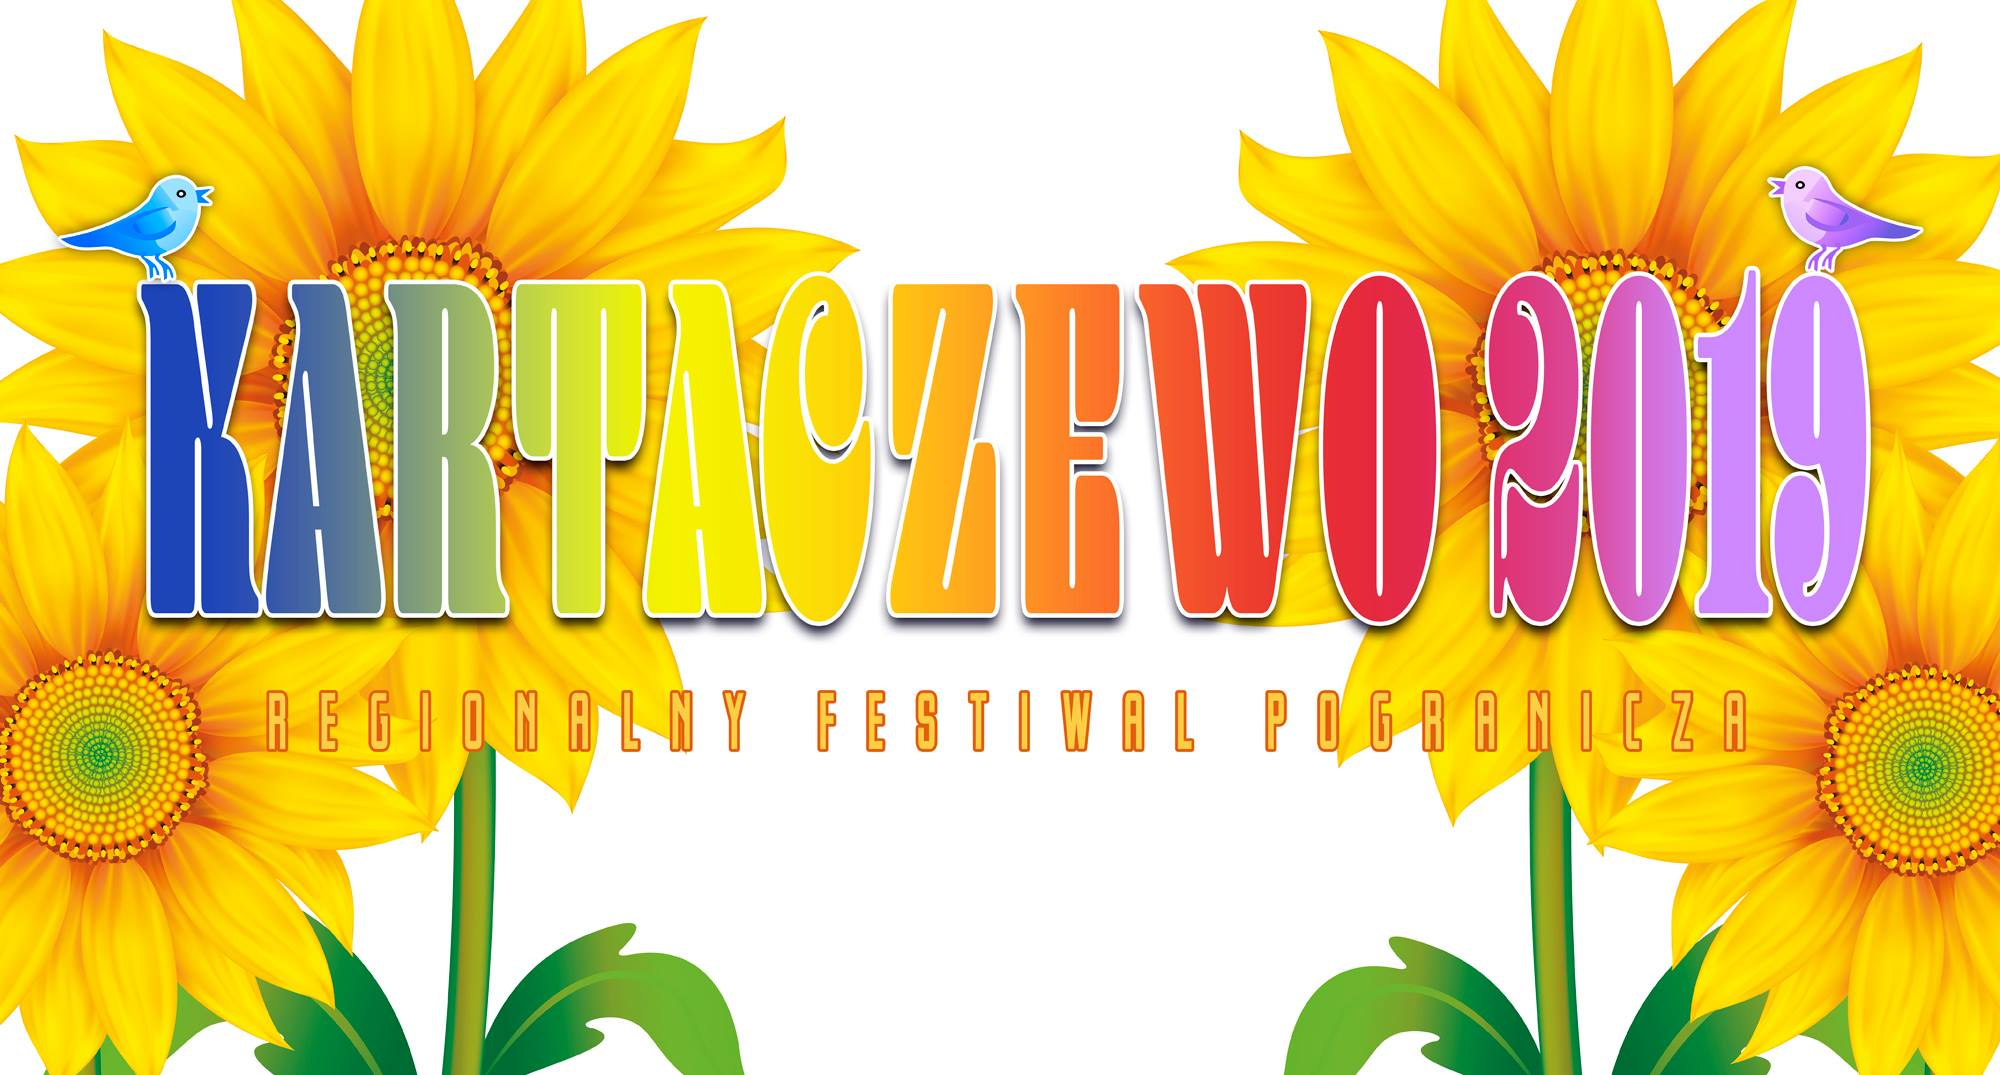 Kartaczewo 2019 - 4 sierpnia